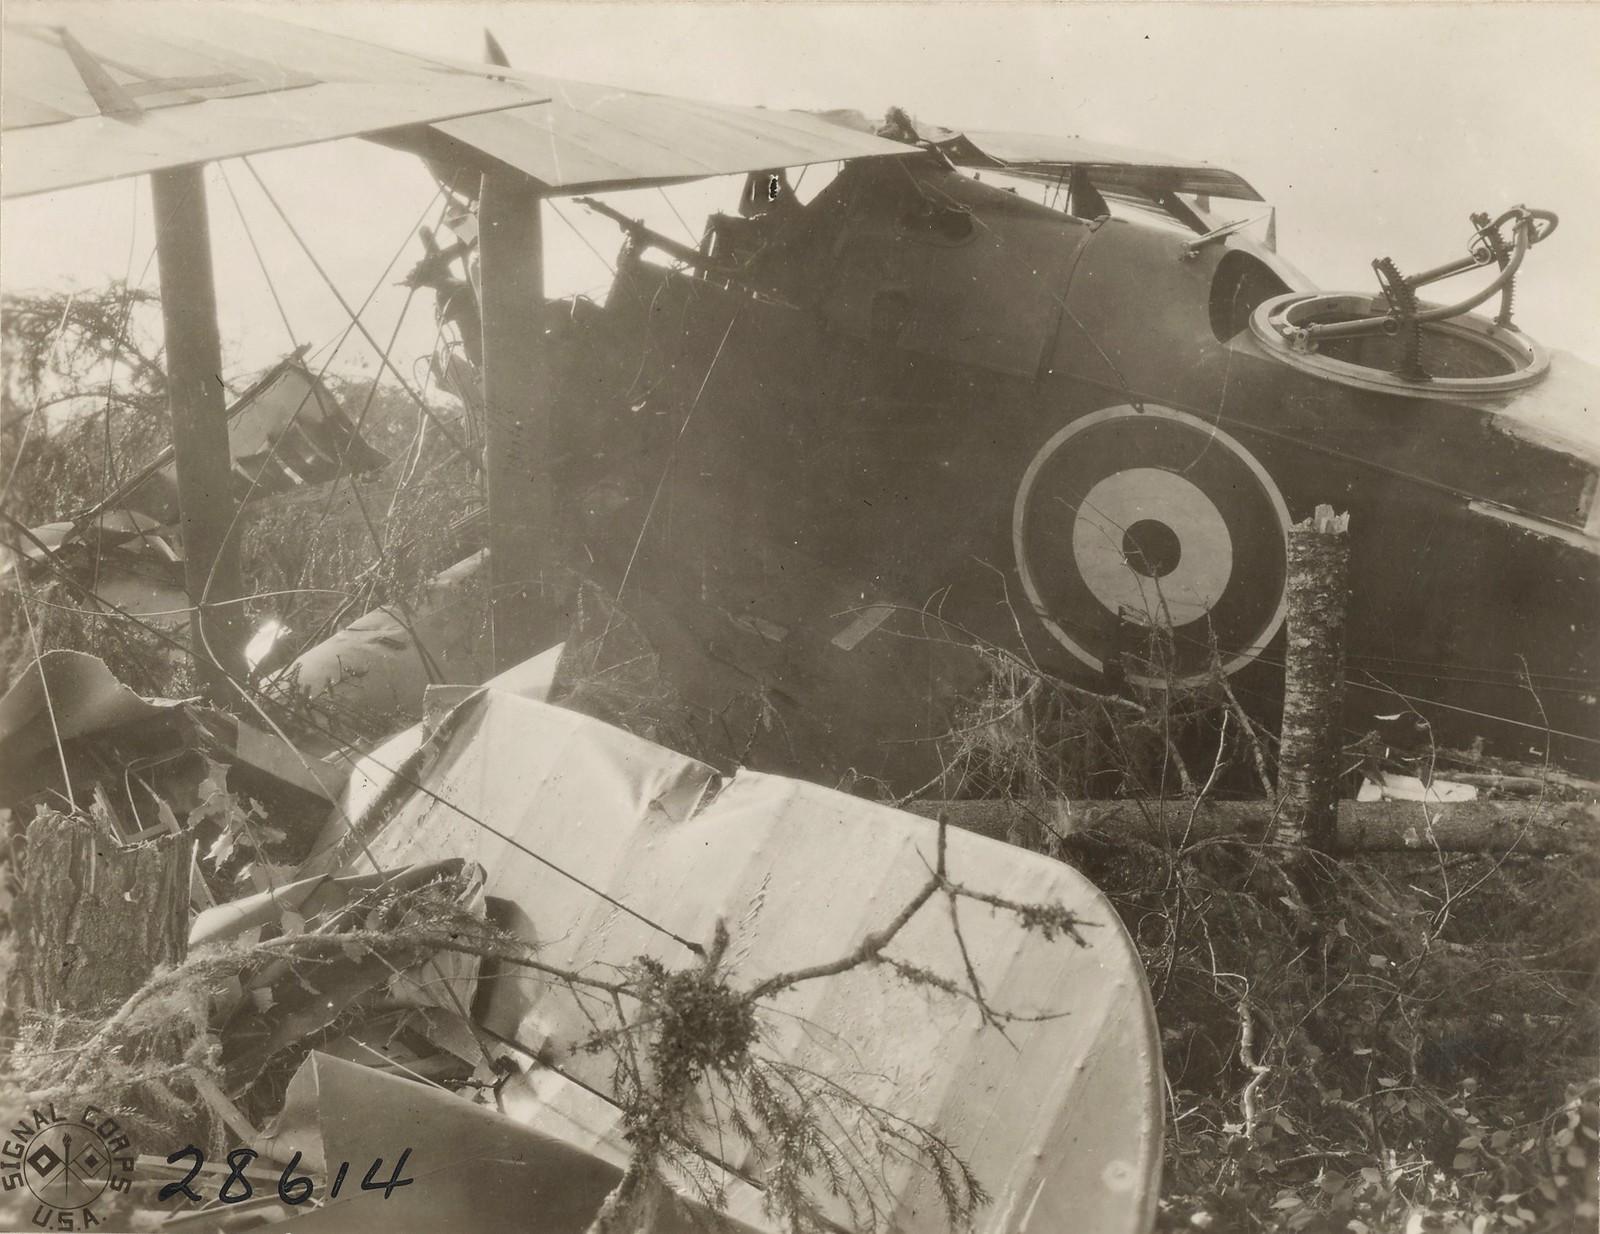 Обозерская. Поврежденный британский аэроплан